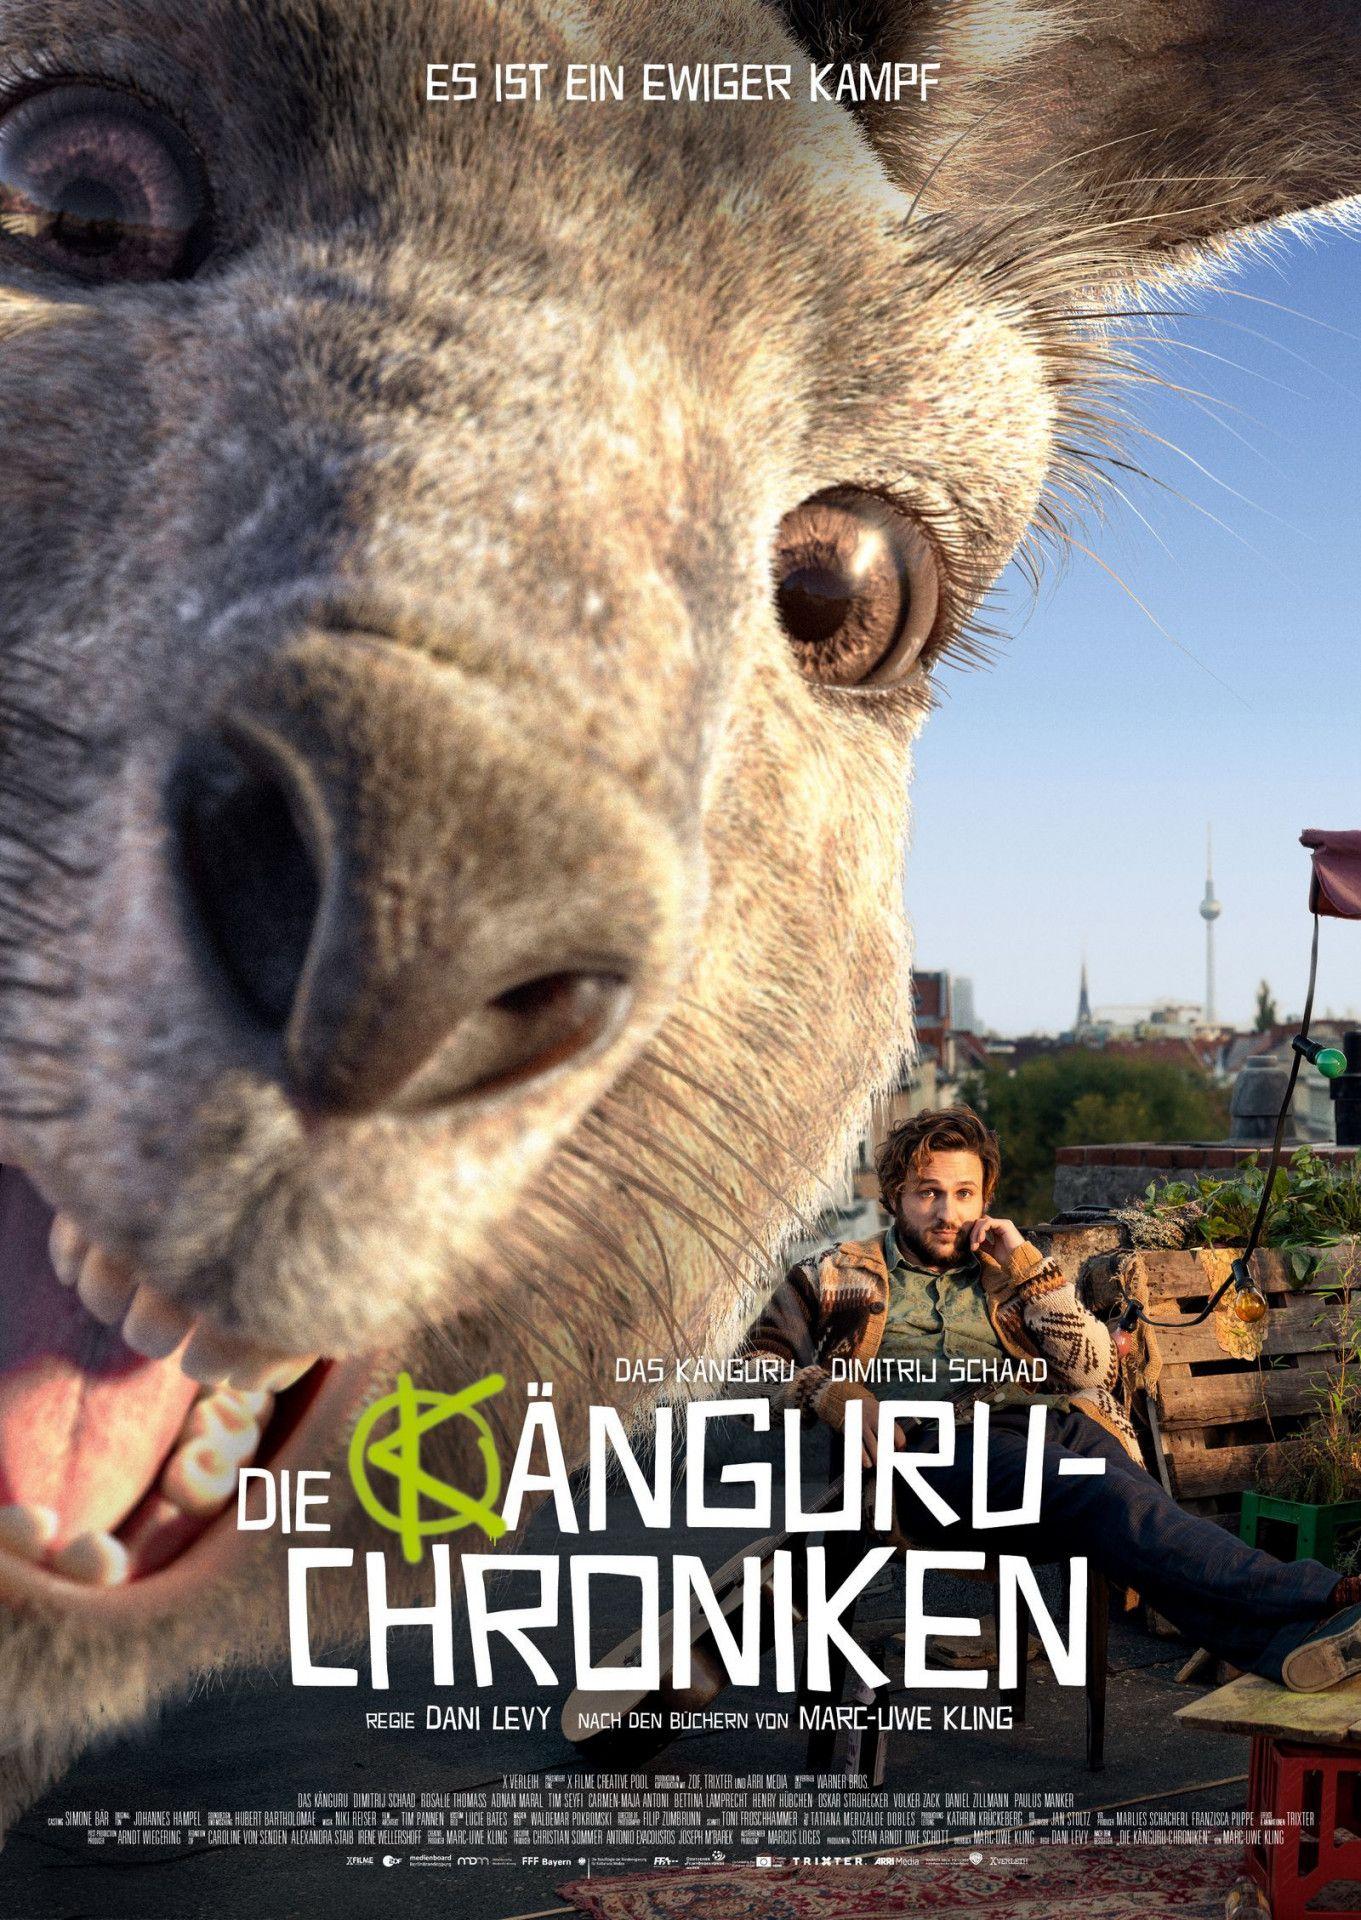 Das Känguru wurde in den Büchern zur Kultfigur. Im Kinofilm versucht es gemeinsam mit seinem besten Freund, dem trägen Kleinkünstler Marc Uwe, einen skrupellosen Immobilienhai aufzuhalten.